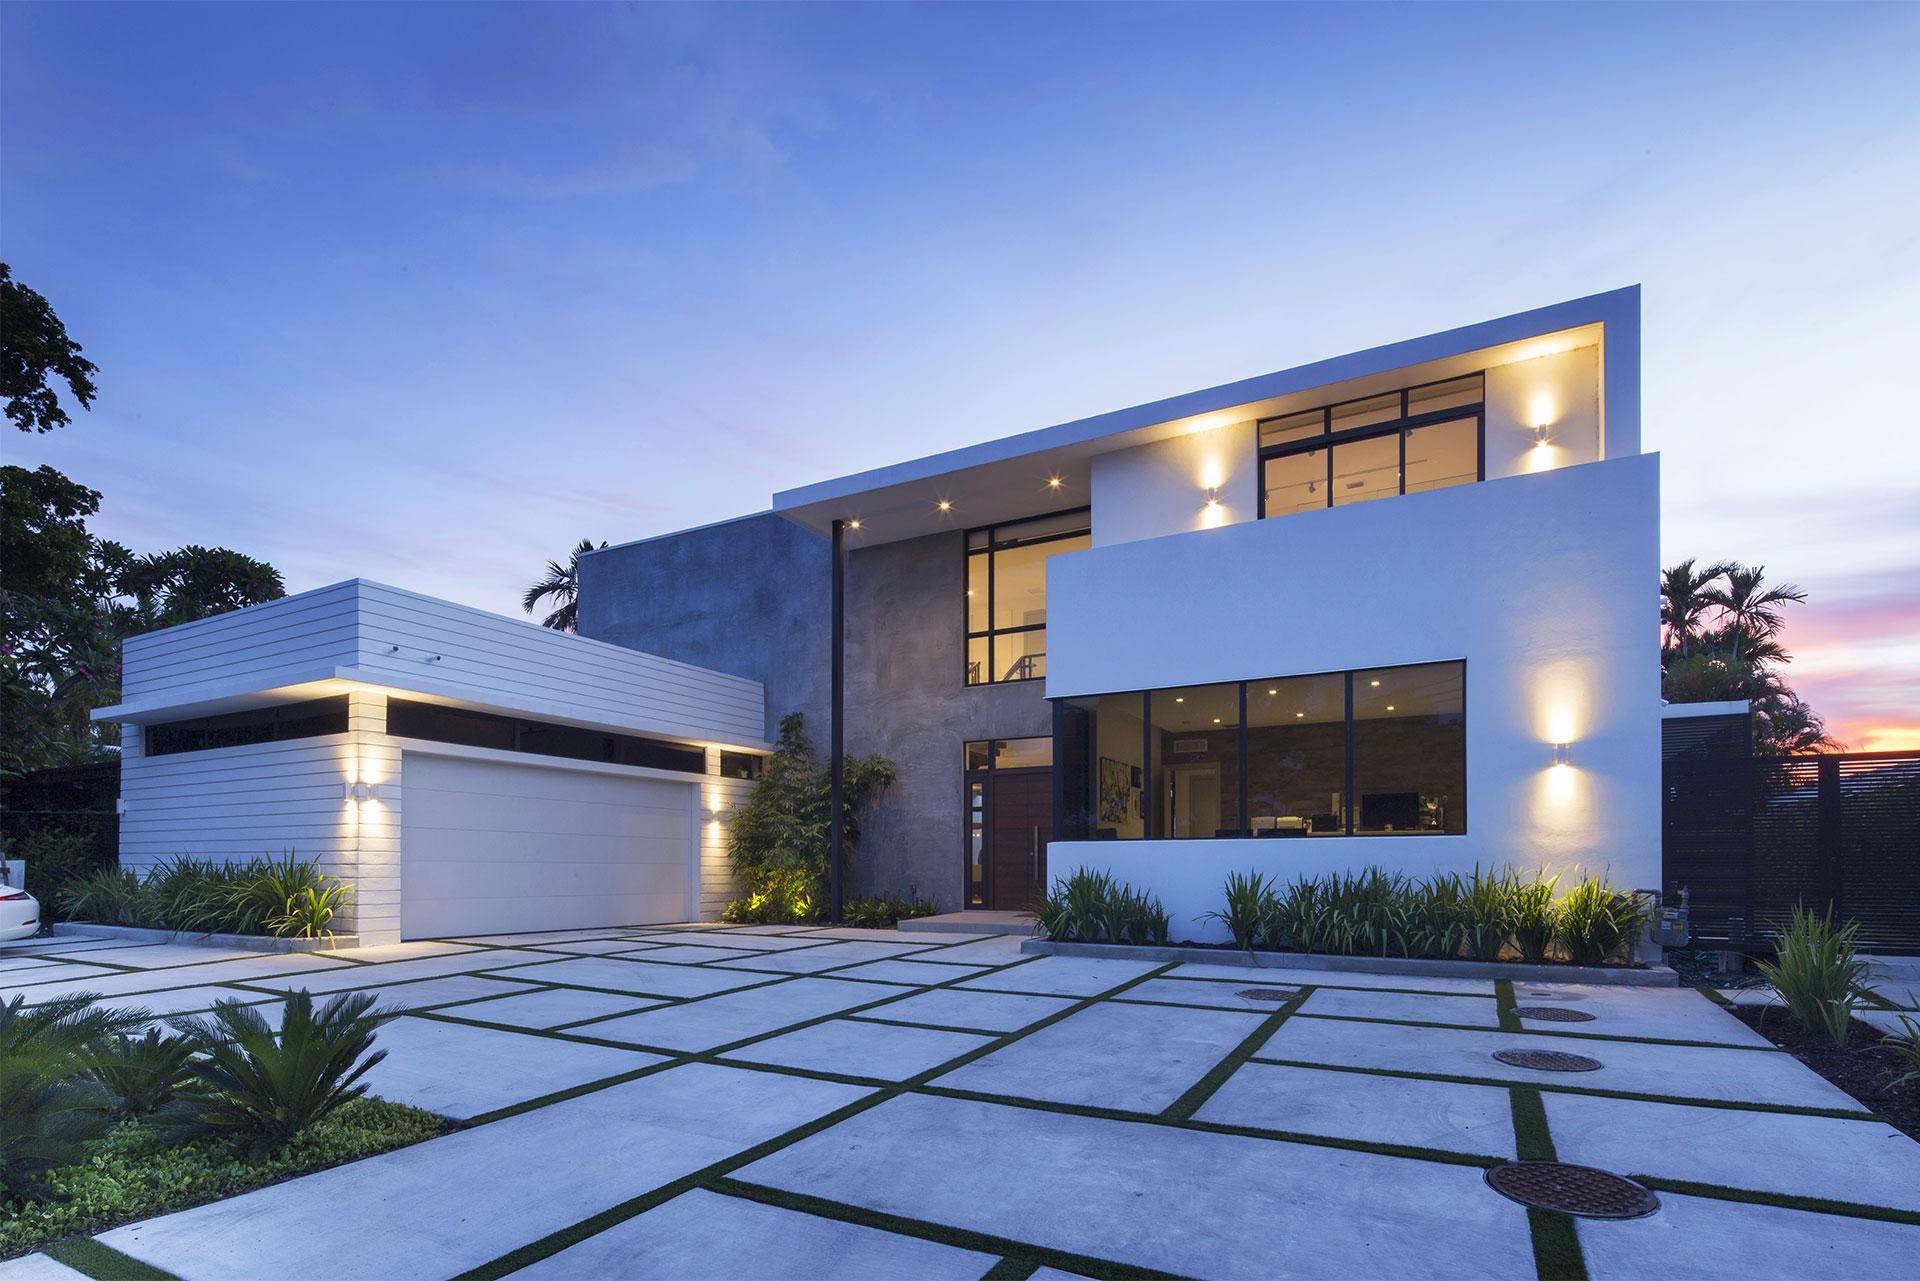 Architecture project in North Miami Beach, Florida